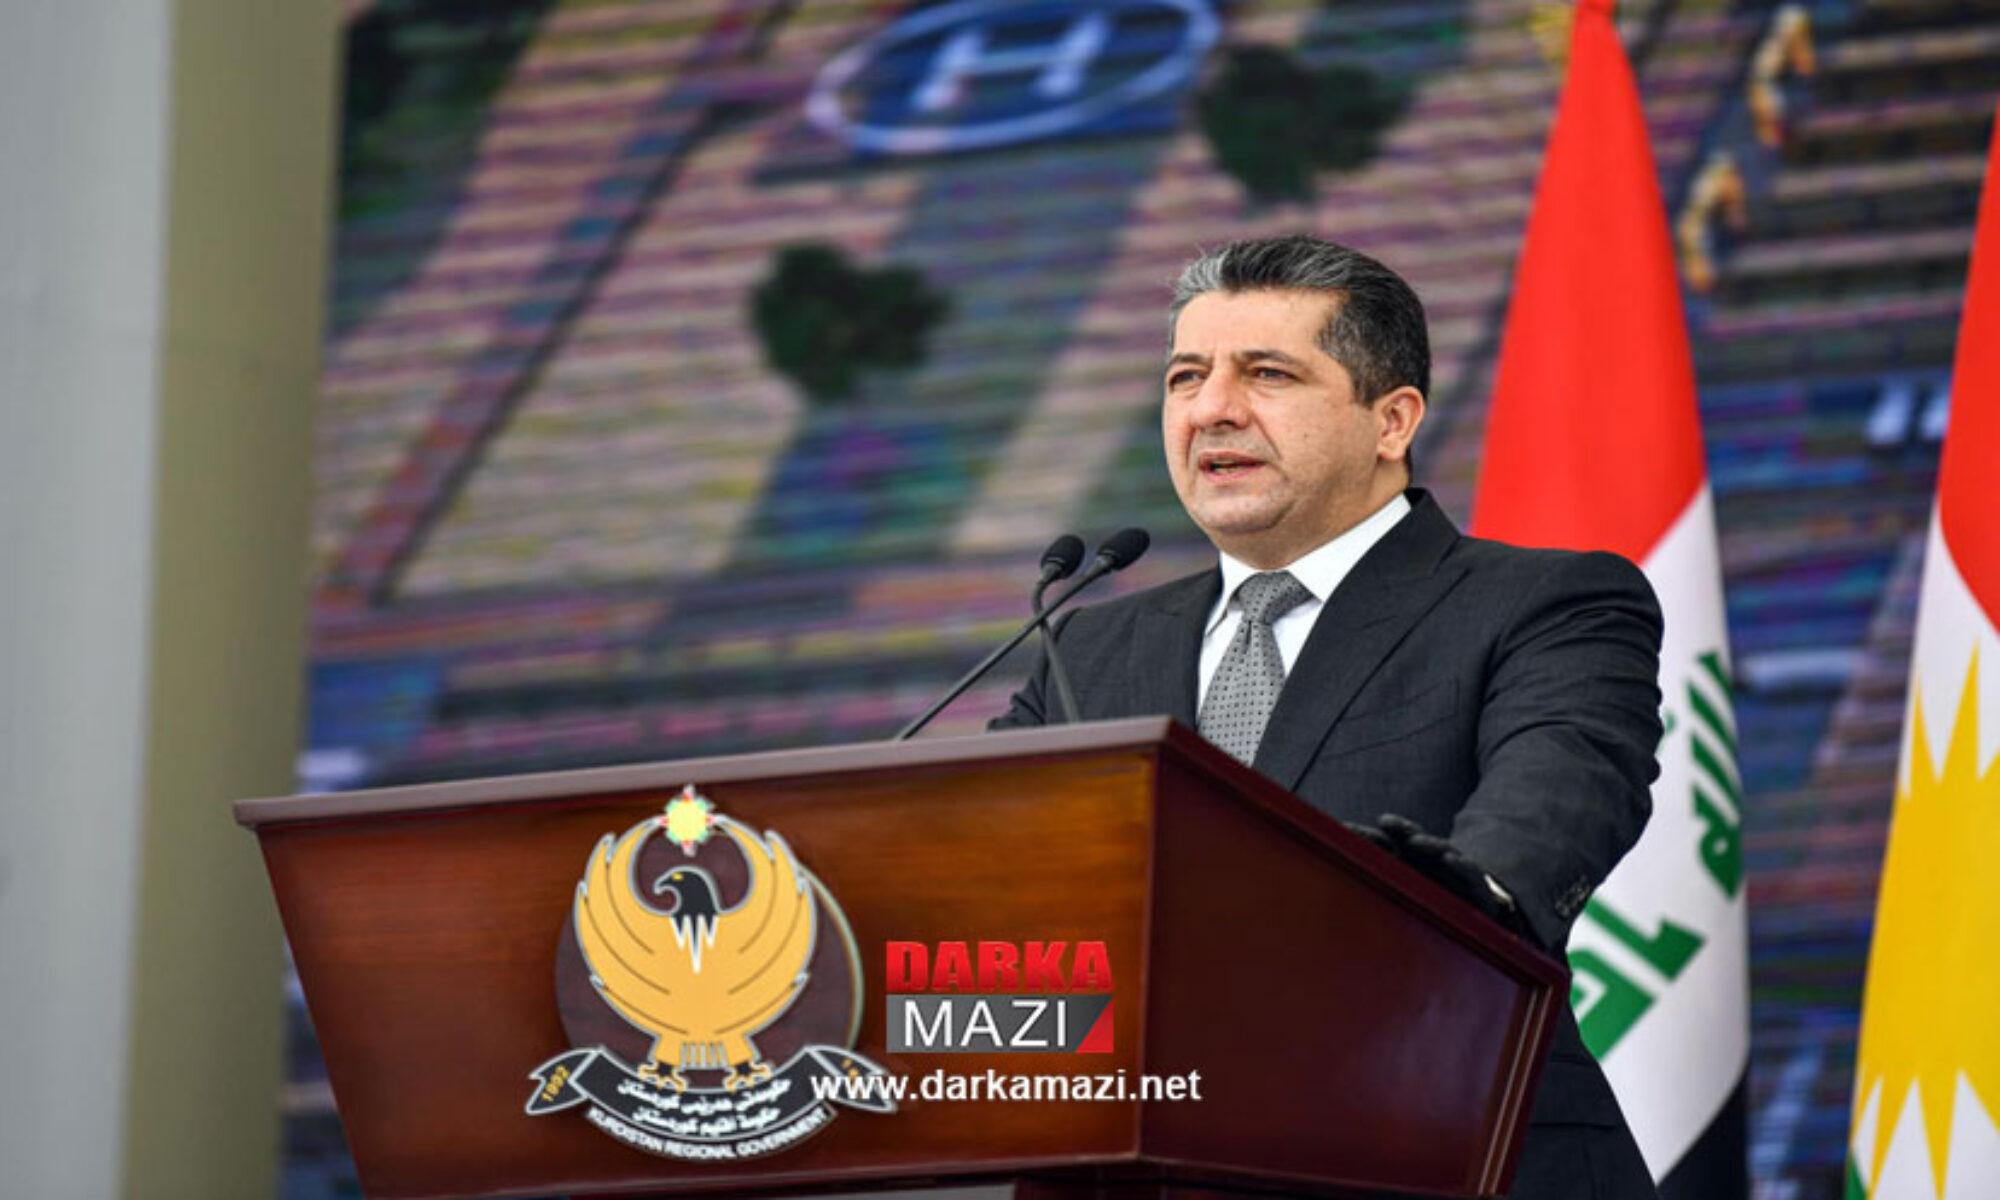 Başbakan: Kürdistan Hükümeti adına Sayın Mustafa Kazımi'nin açıklamasını destekliyorum